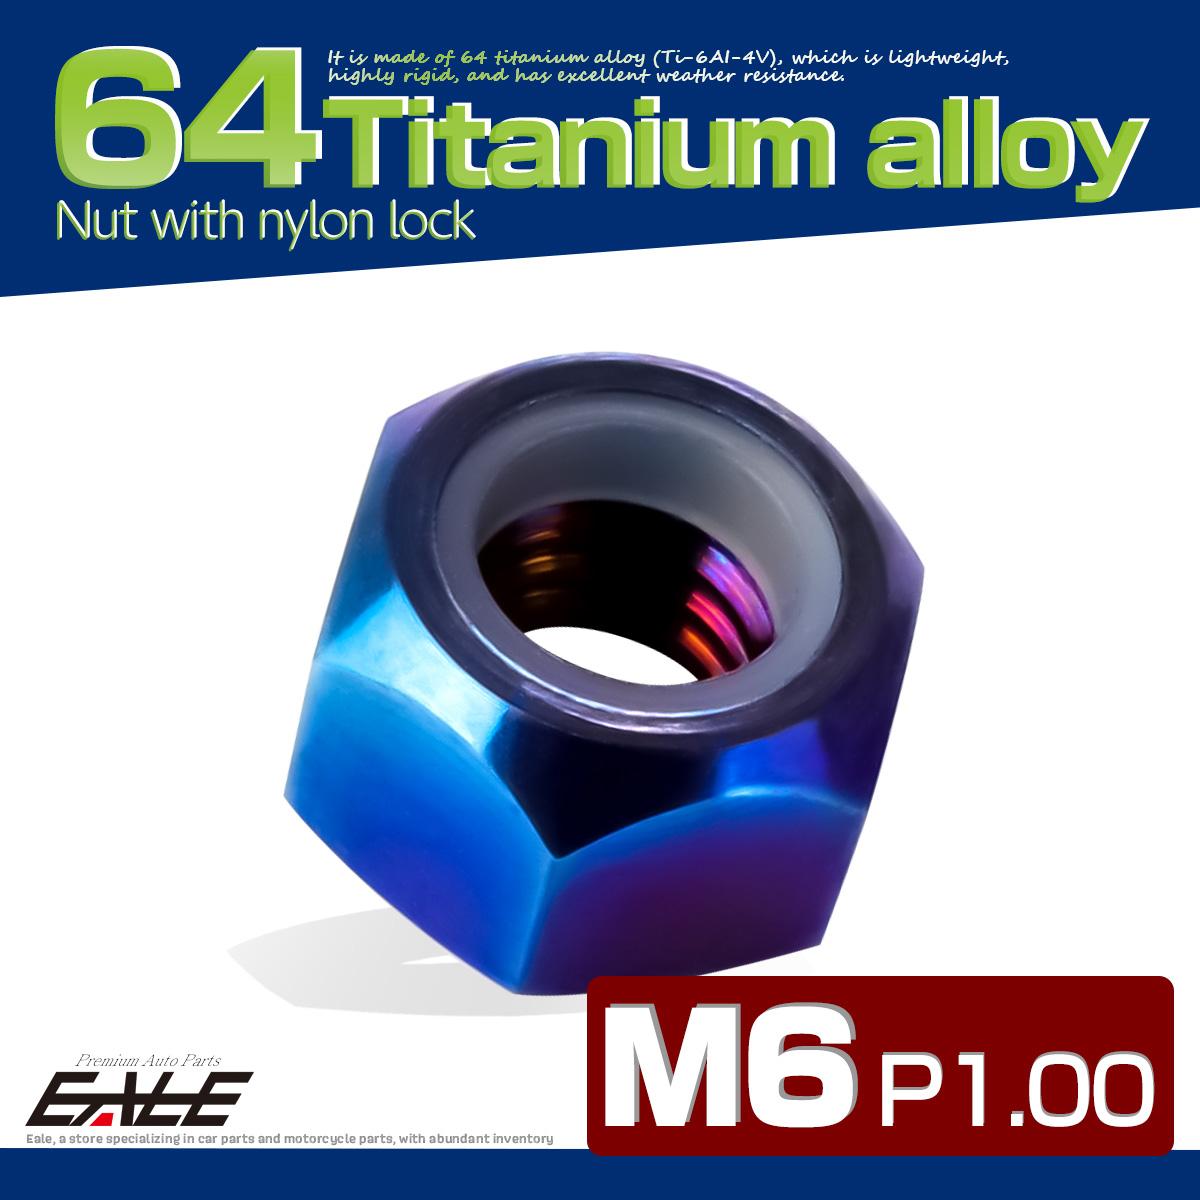 【ネコポス可】 M6 P1.0 64チタン ナイロンナット ゆるみ防止ナット 六角ナット 焼きチタン JA839